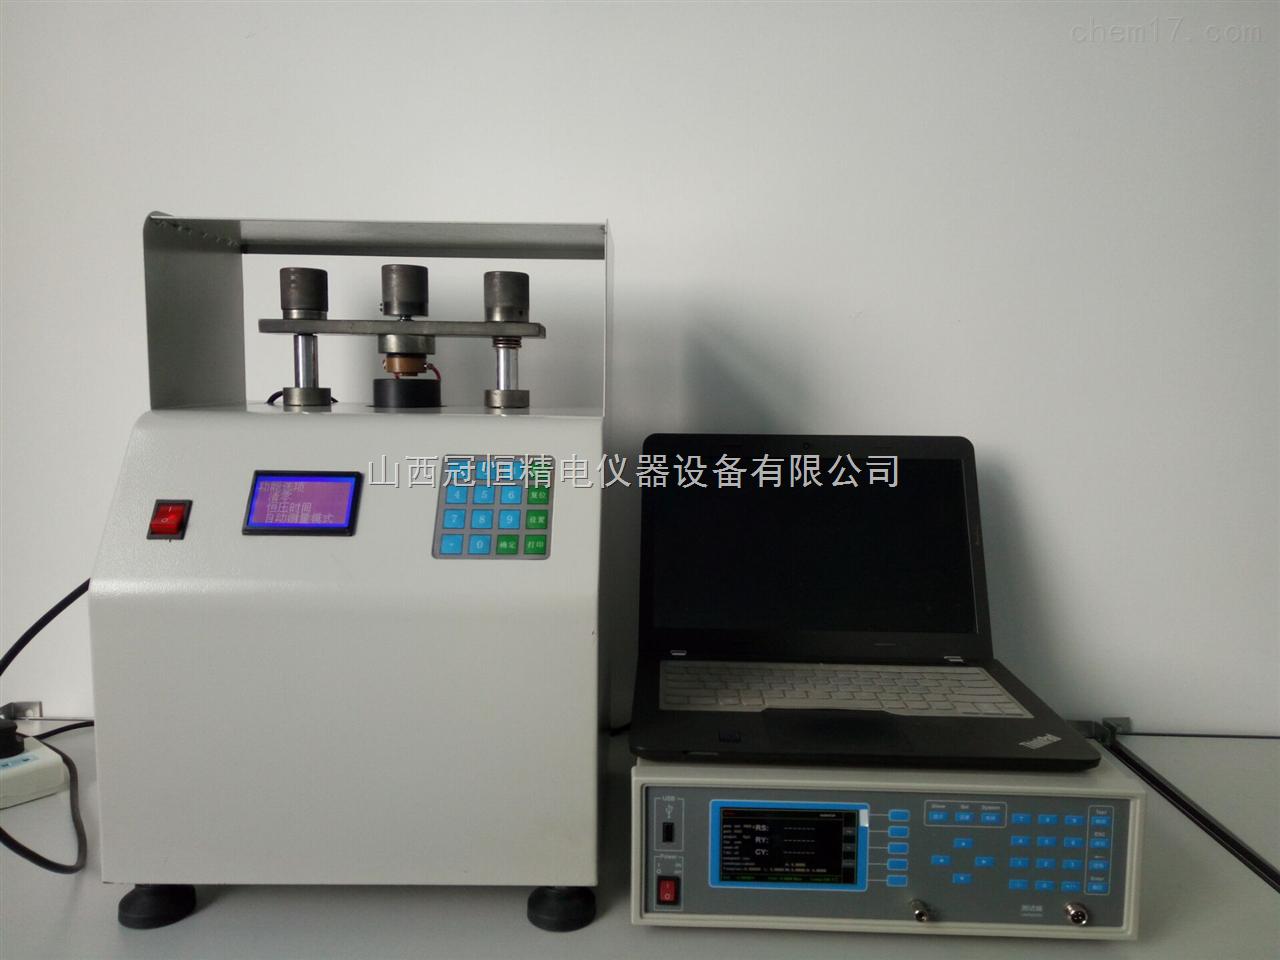 其它 山西冠恒精电仪器设备有限公司 粉末电阻率测试仪 自动型粉末